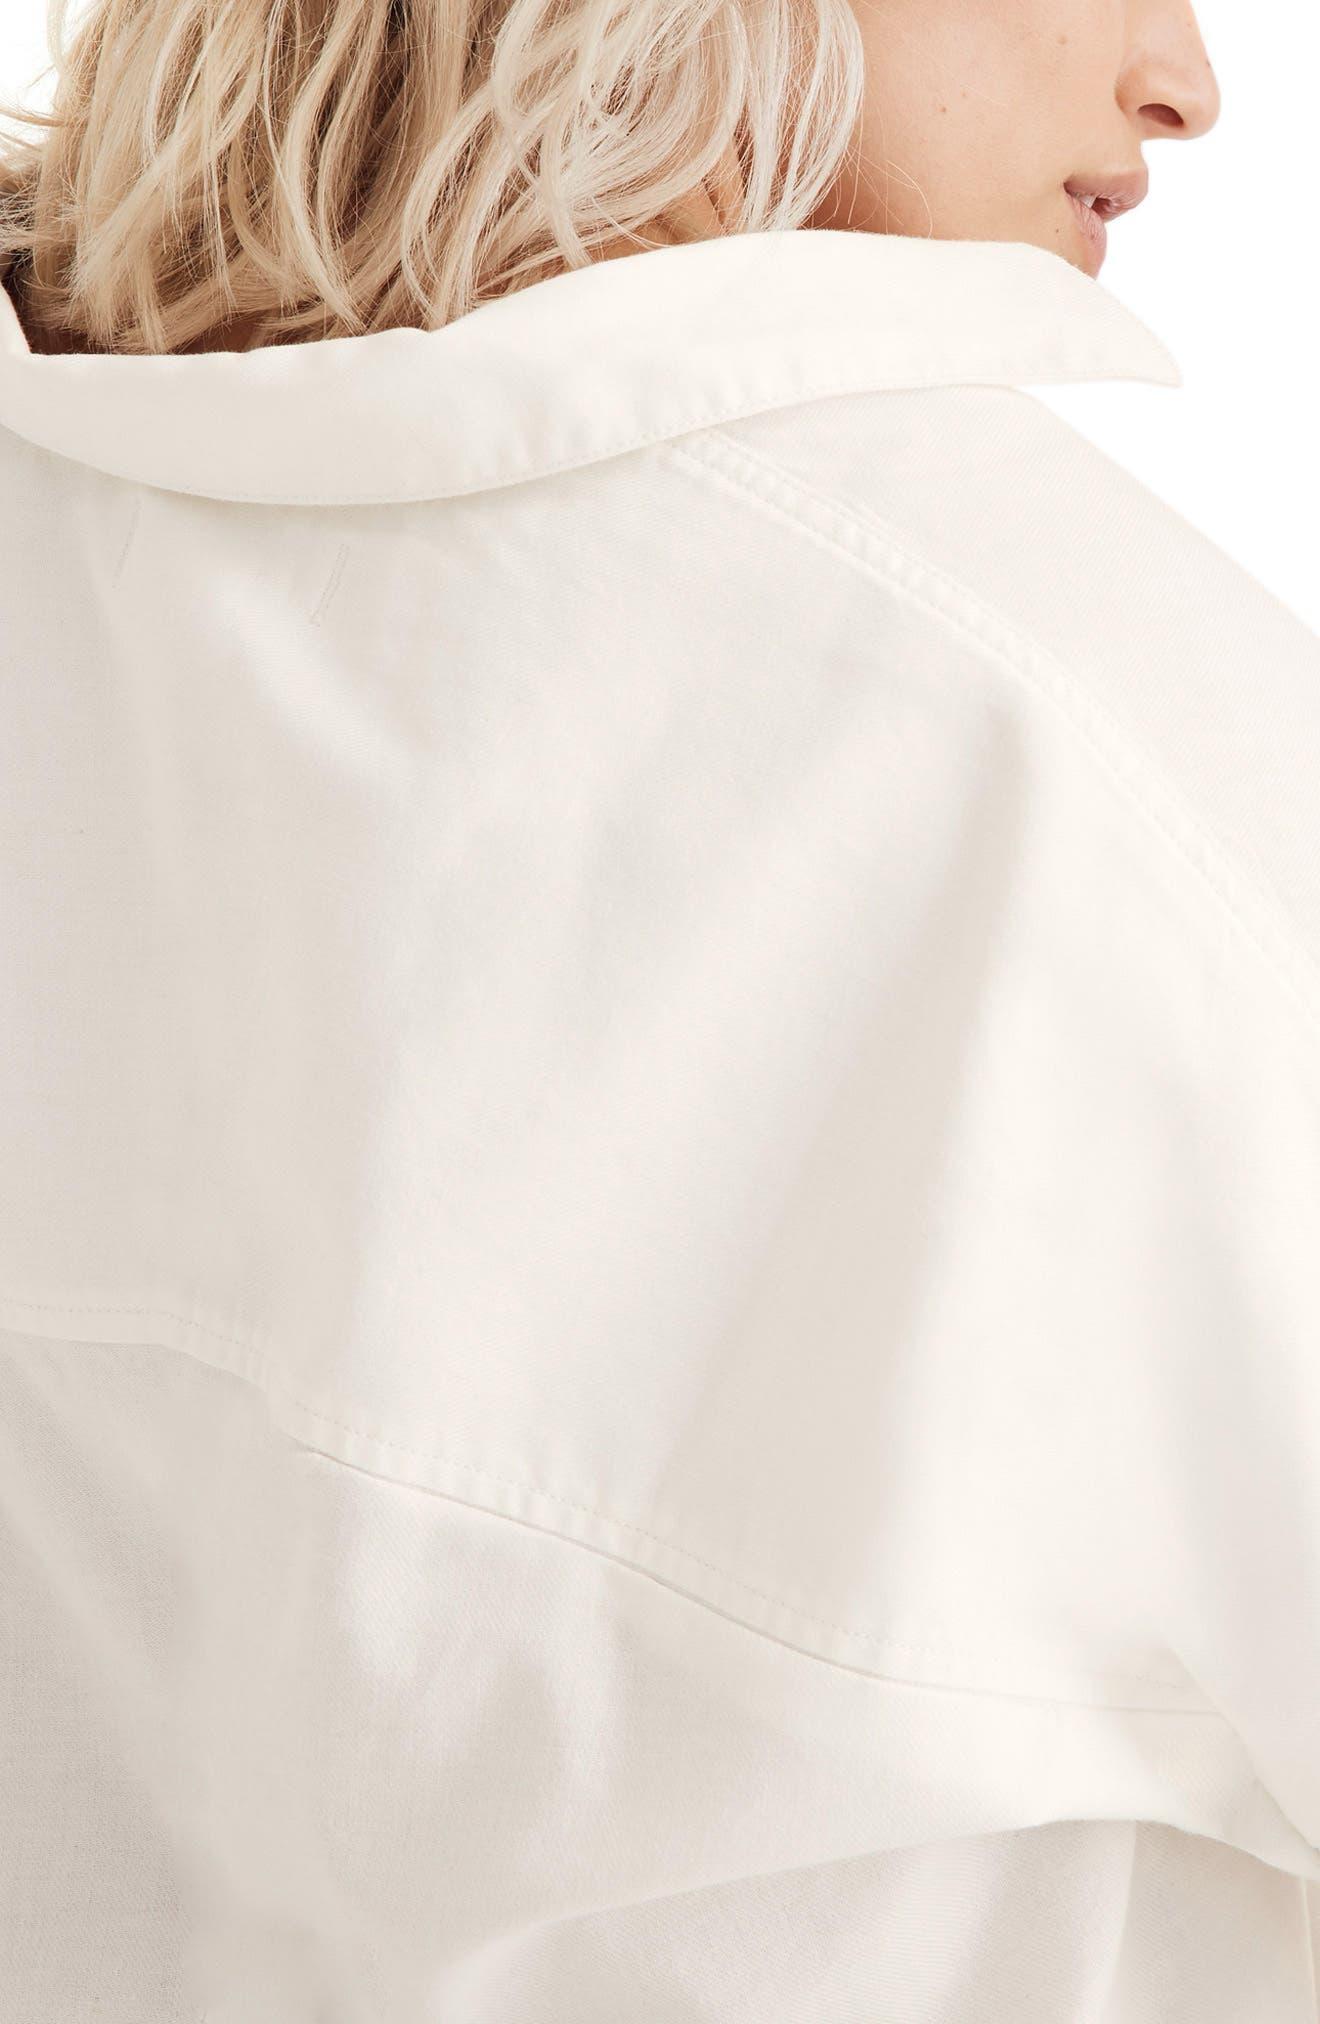 Cotton Courier Shirt,                             Alternate thumbnail 6, color,                             PURE WHITE